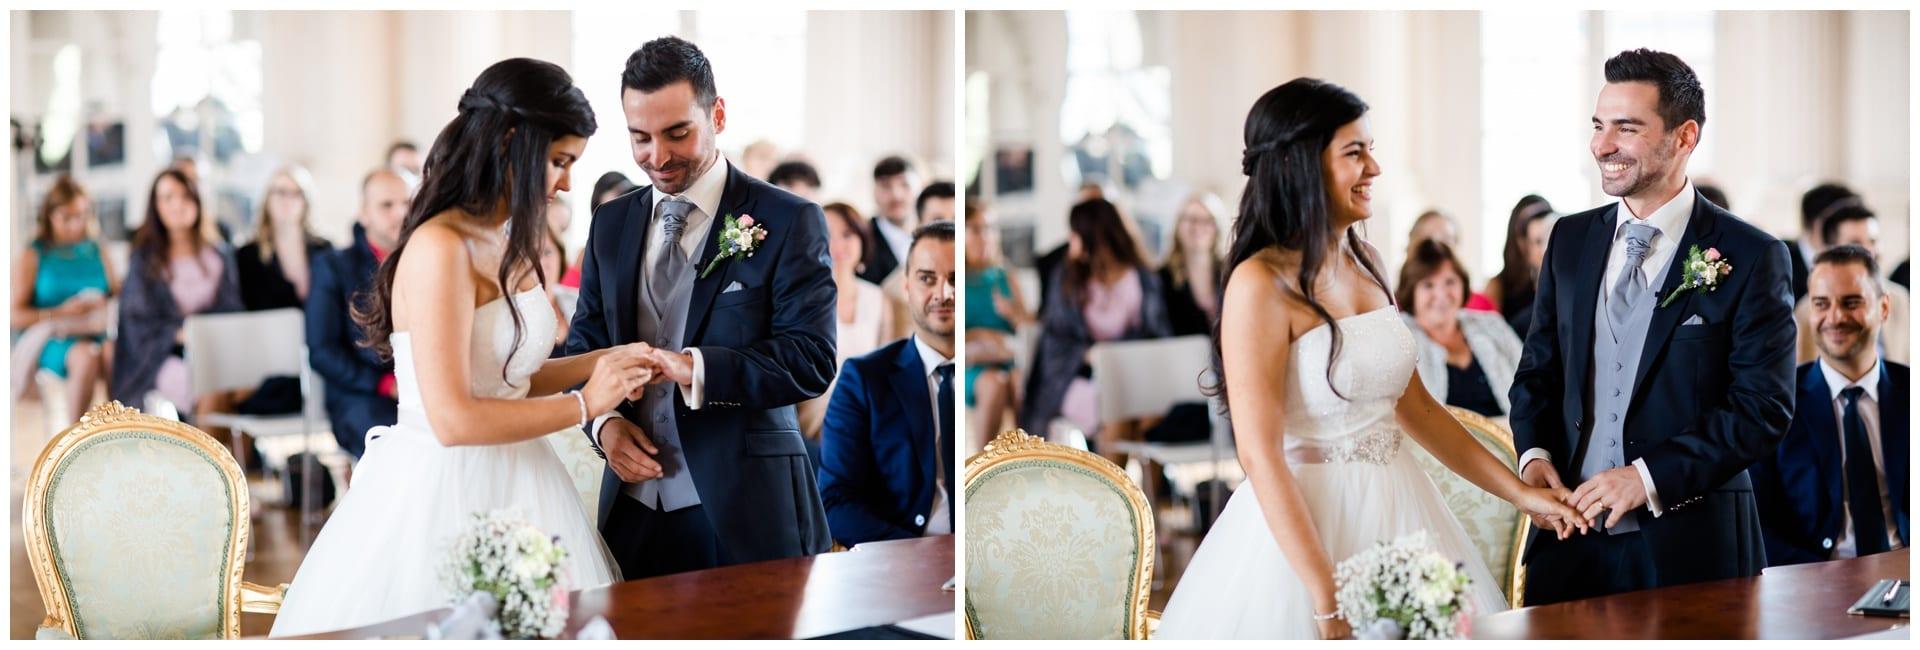 Anya und Adrian @mama wedding 11